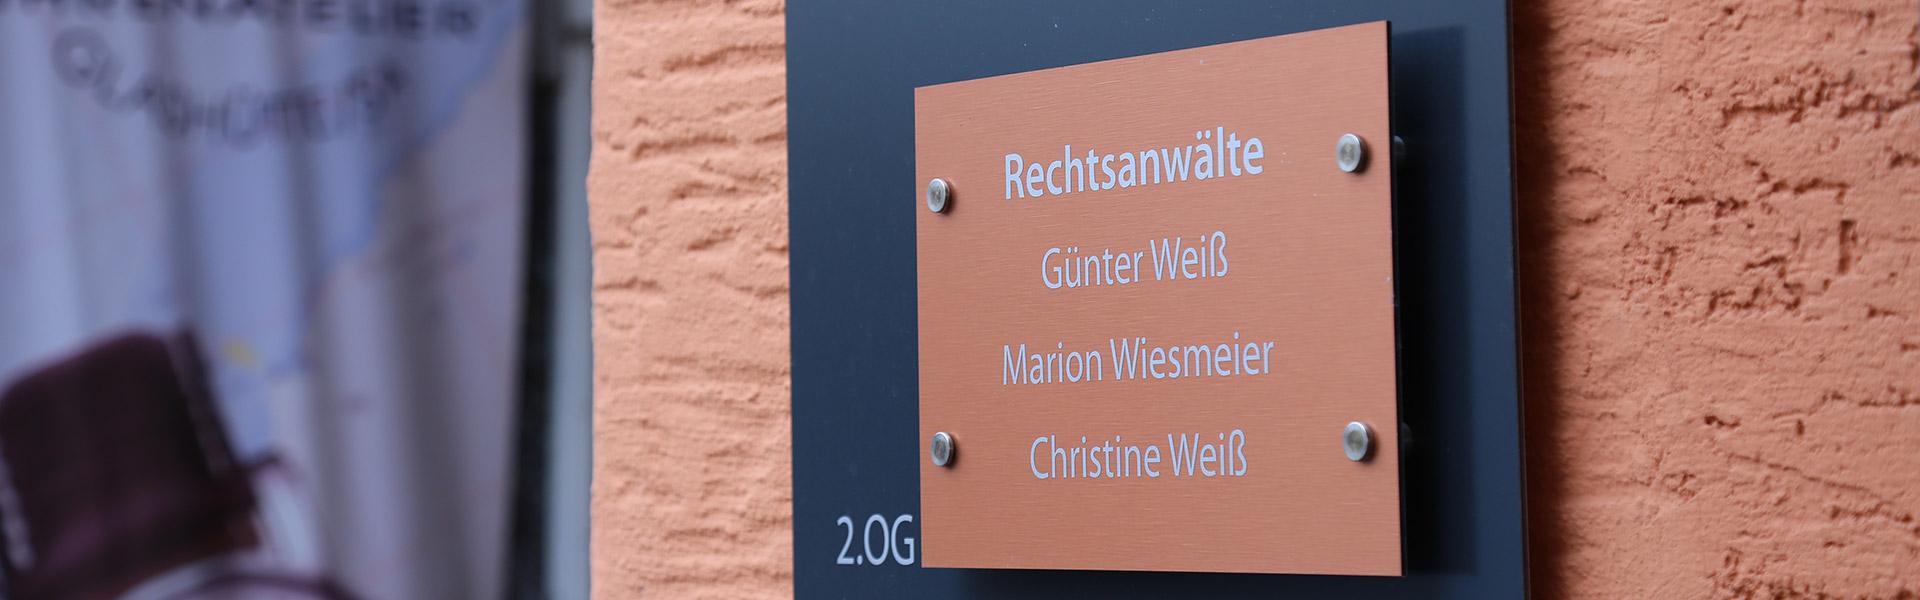 Eingangsbereich der Rechtsanwaltskanzlei in Pfarrkirchen